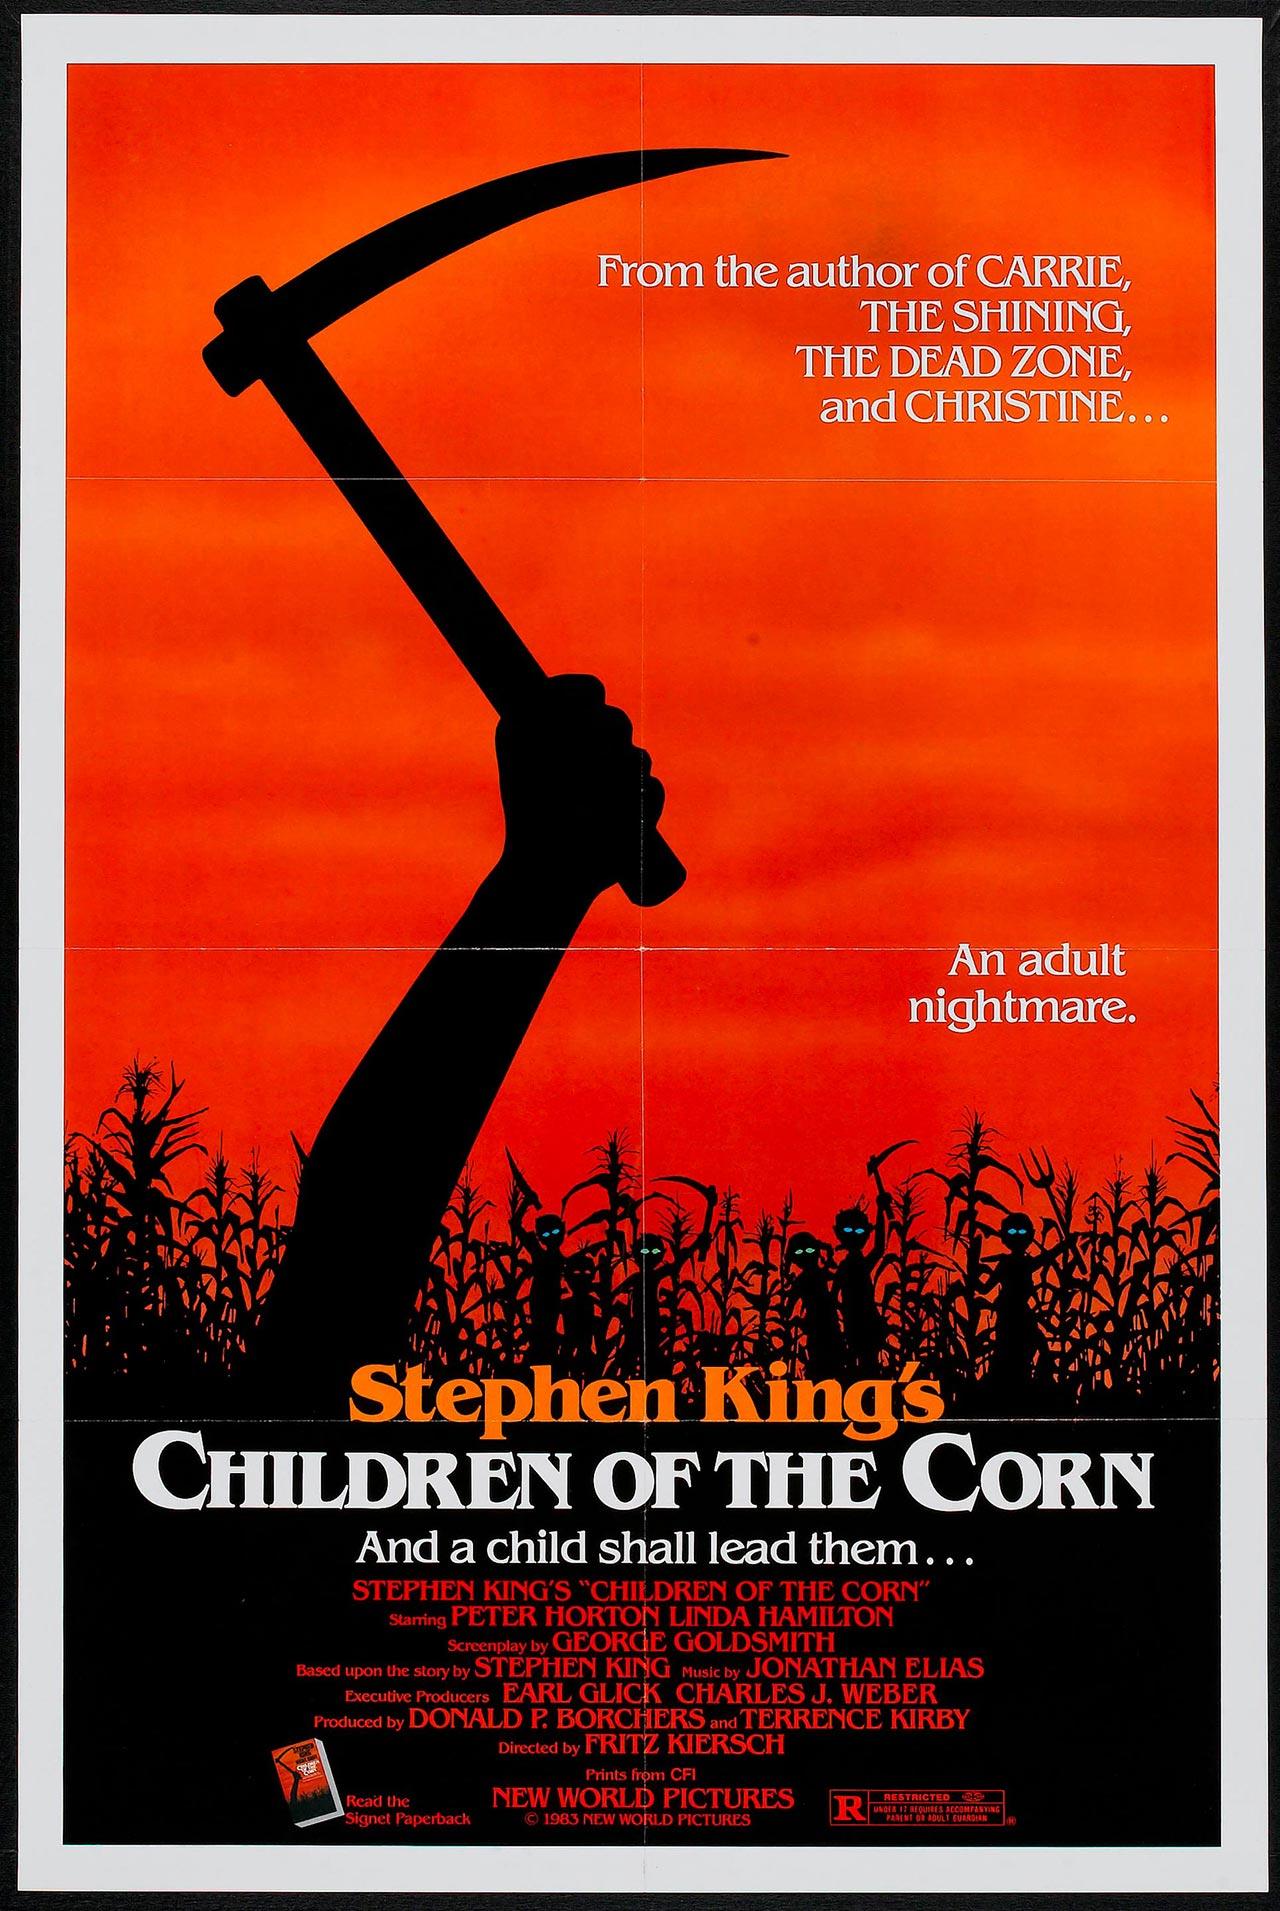 los chicos del maiz poster children of the corn